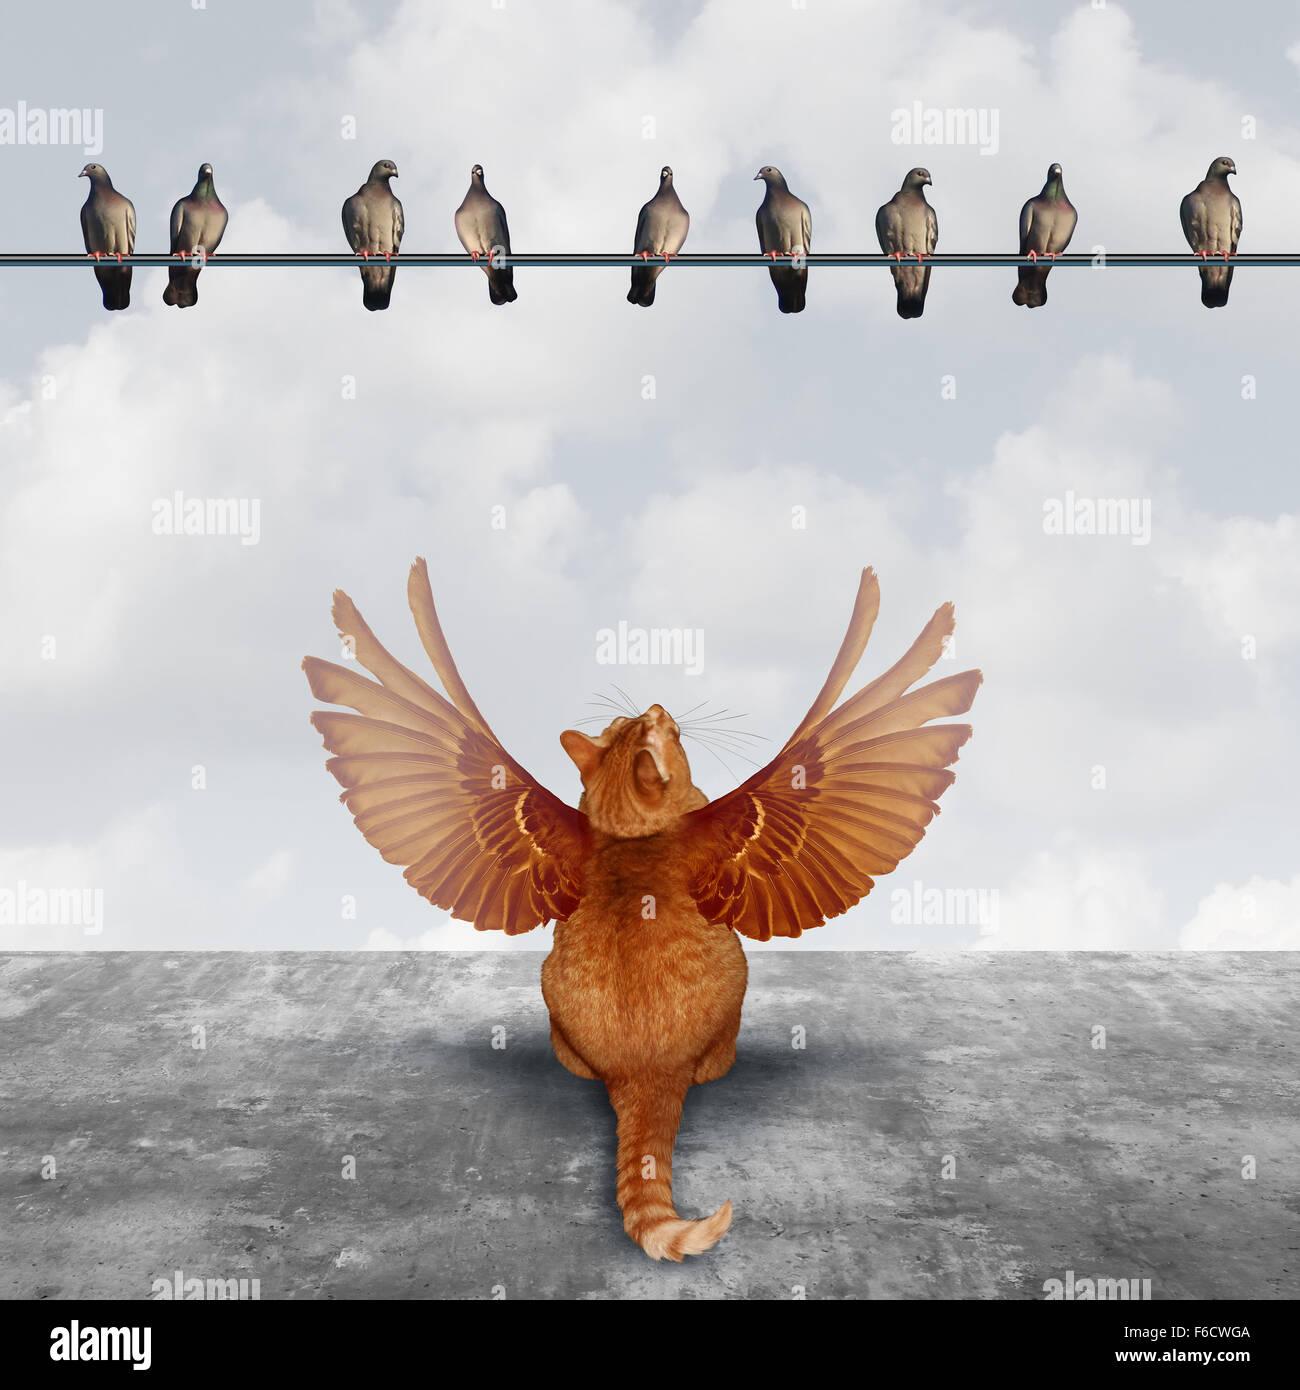 La motivation et l'imagination comme un ambitieux concept chat avec ailes imaginaire à la recherche jusqu'à Photo Stock